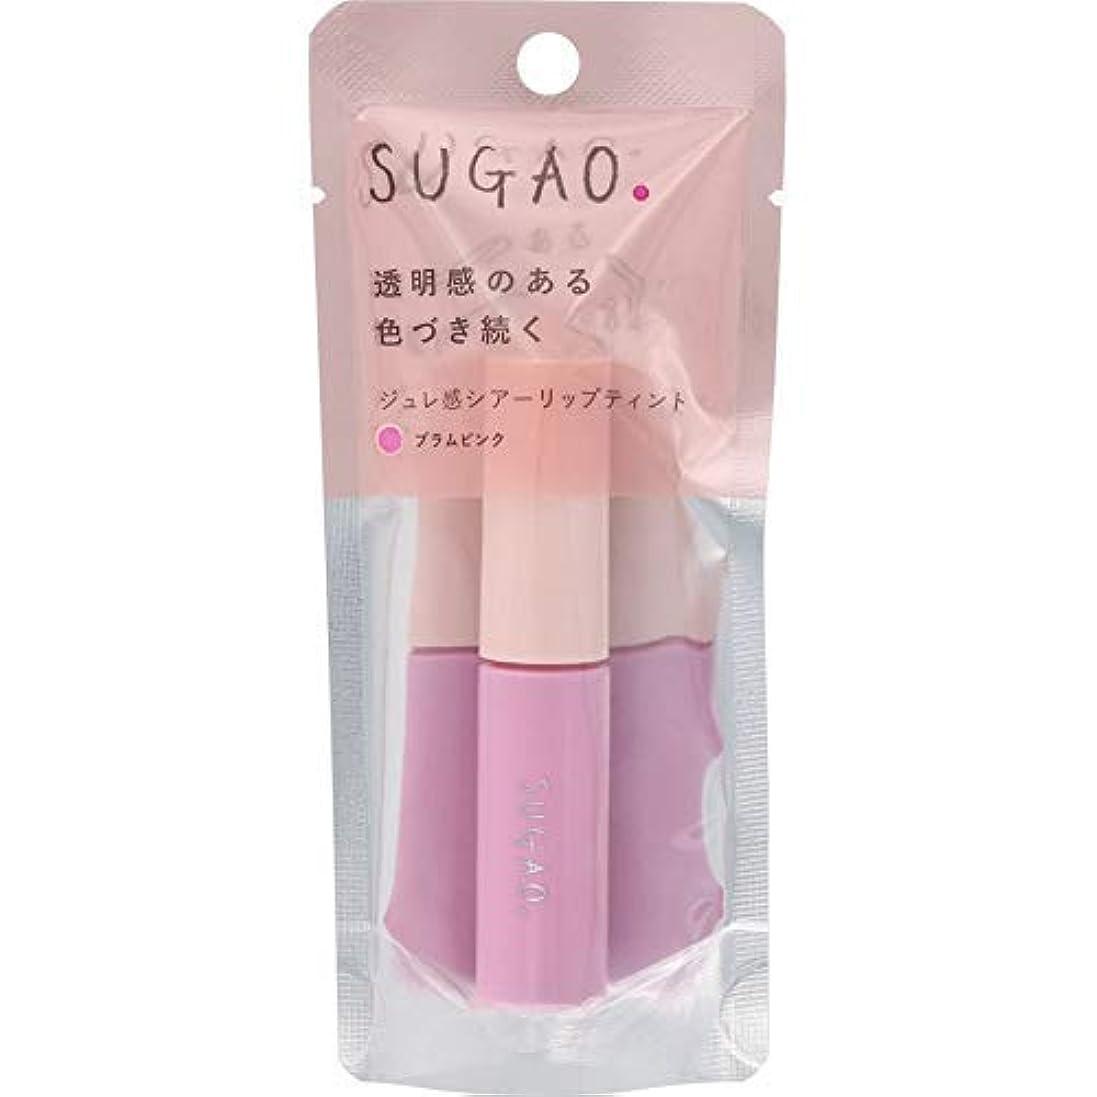 SUGAO ジュレ感シアーリップティント プラムピンク × 12個セット